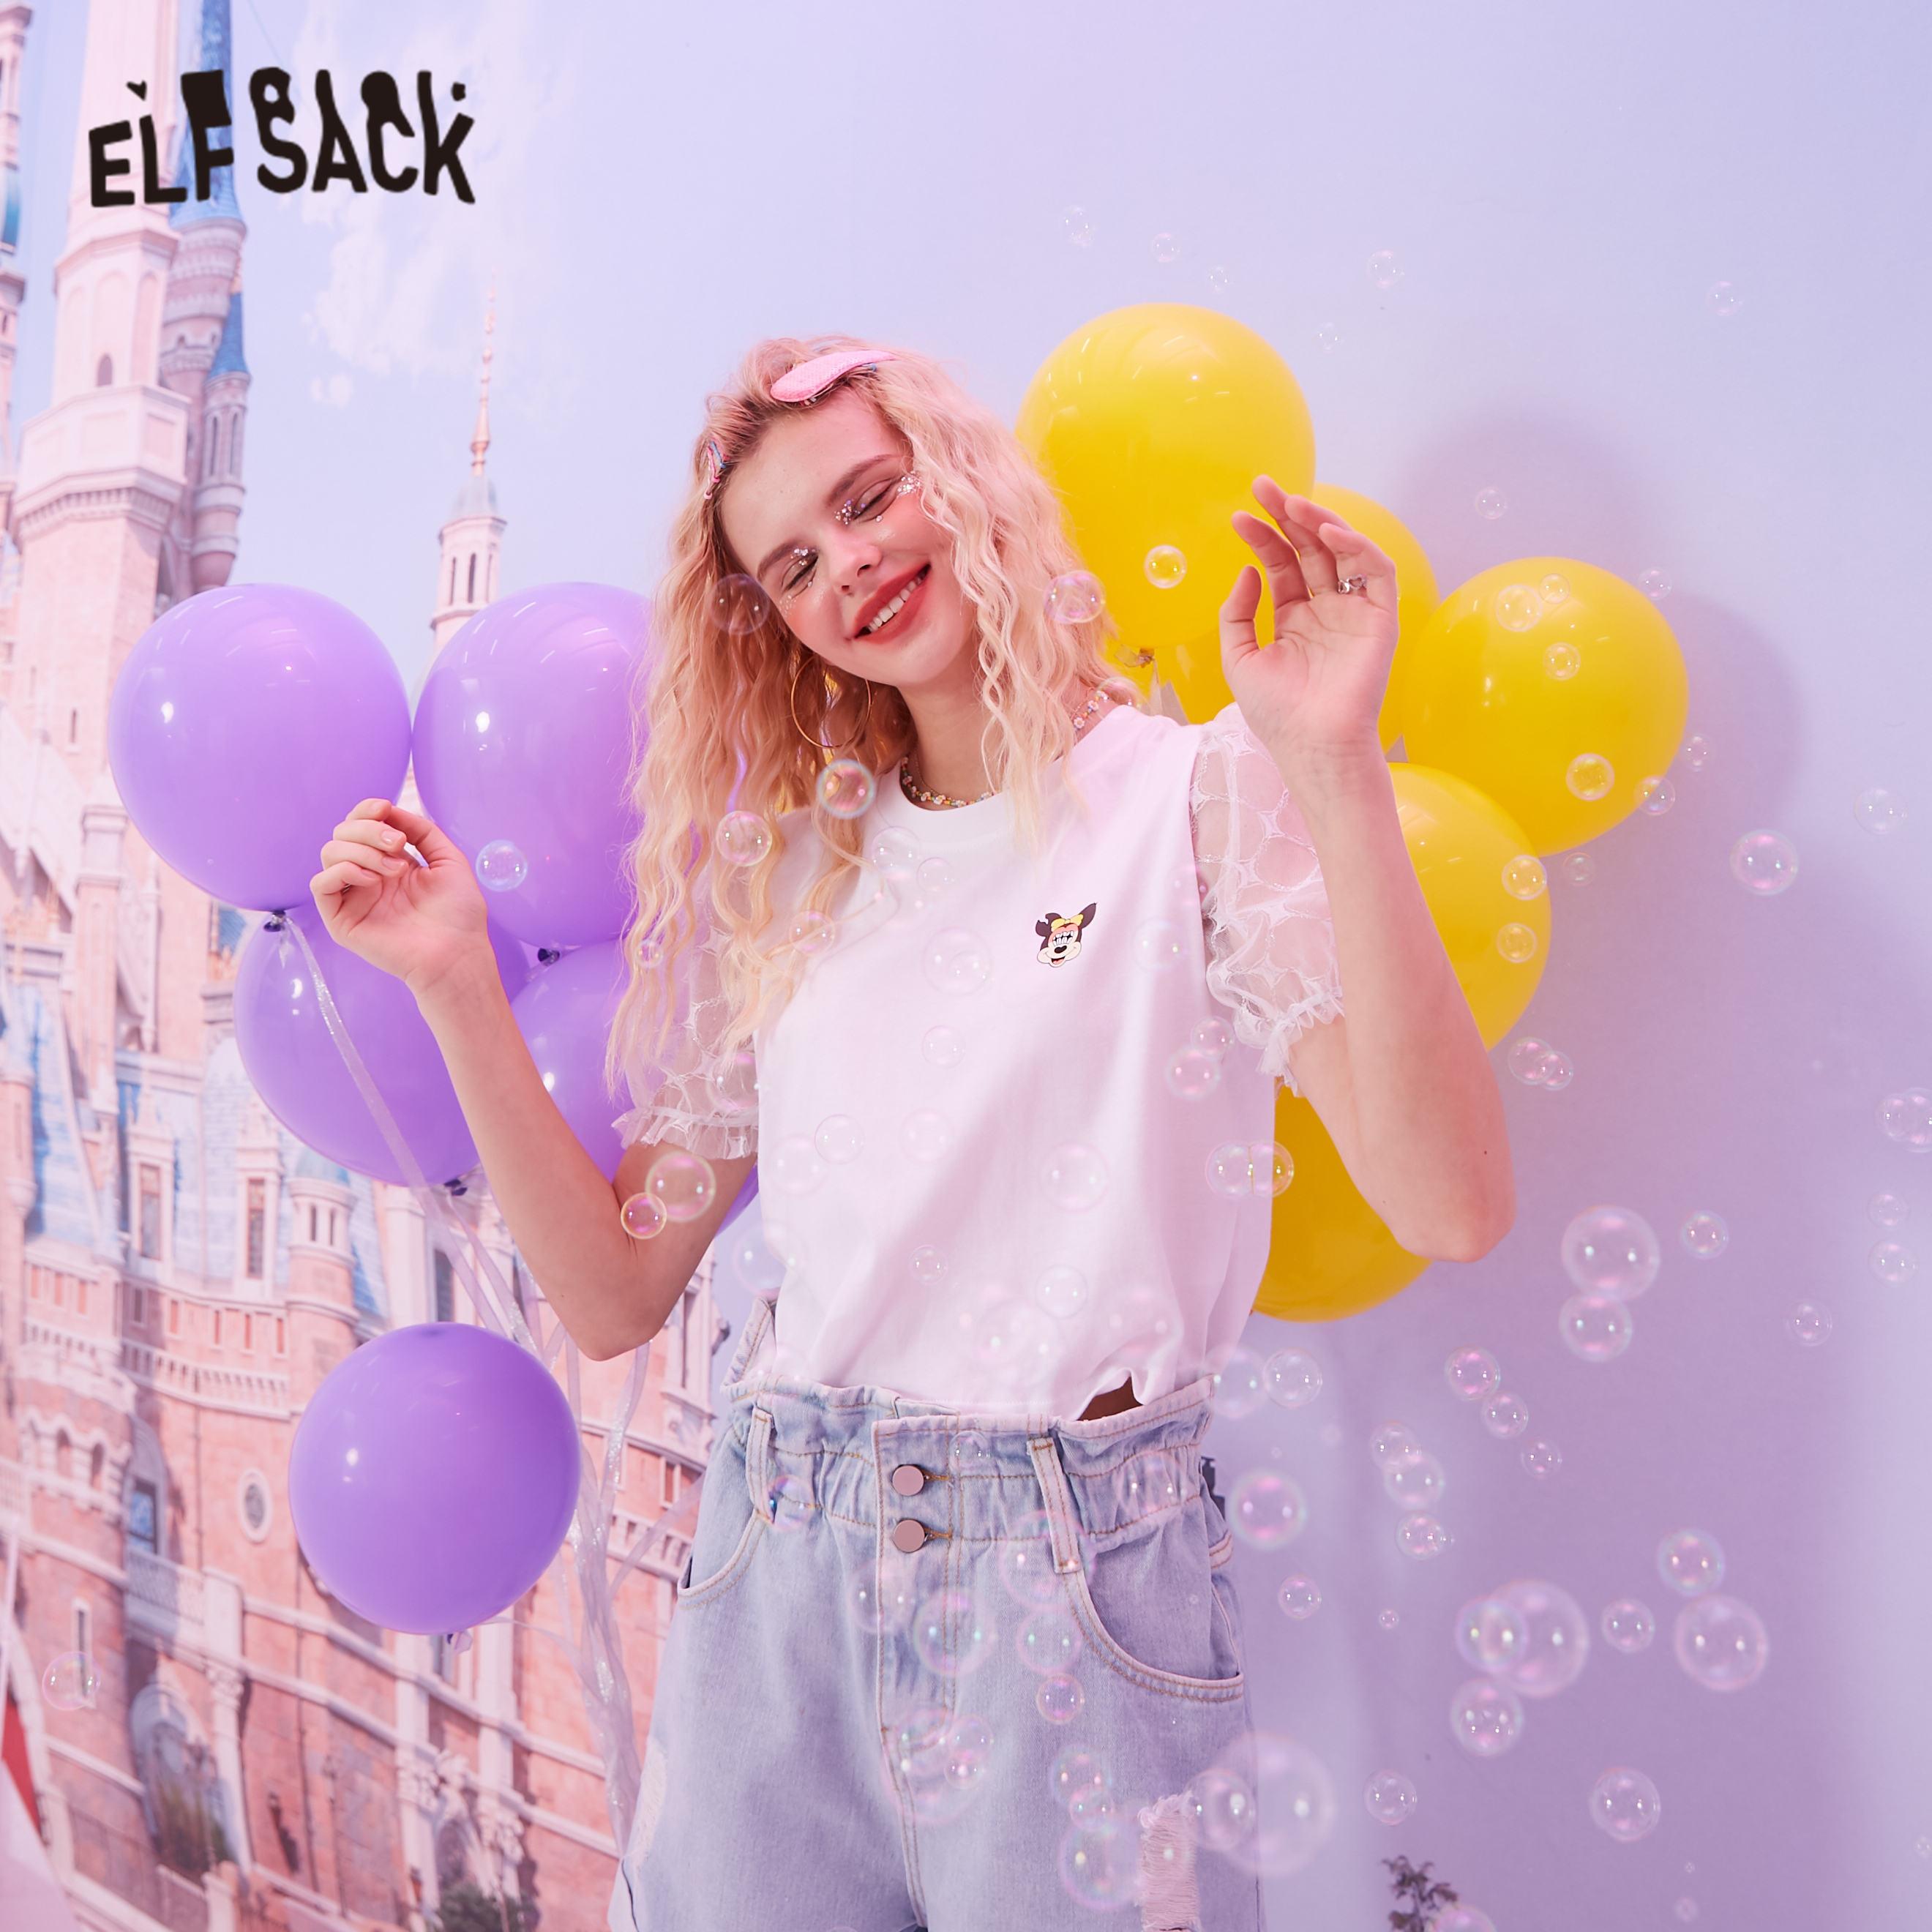 Elfsack Забавные топы для модниц в белом и графическим принтом контрастные кружевные Повседневное Harajuku Для женщин футболки 2020 летние бело серые в Корейском стиле, женские, повседневные, укороченный топ|Футболки|   | АлиЭкспресс - одежда